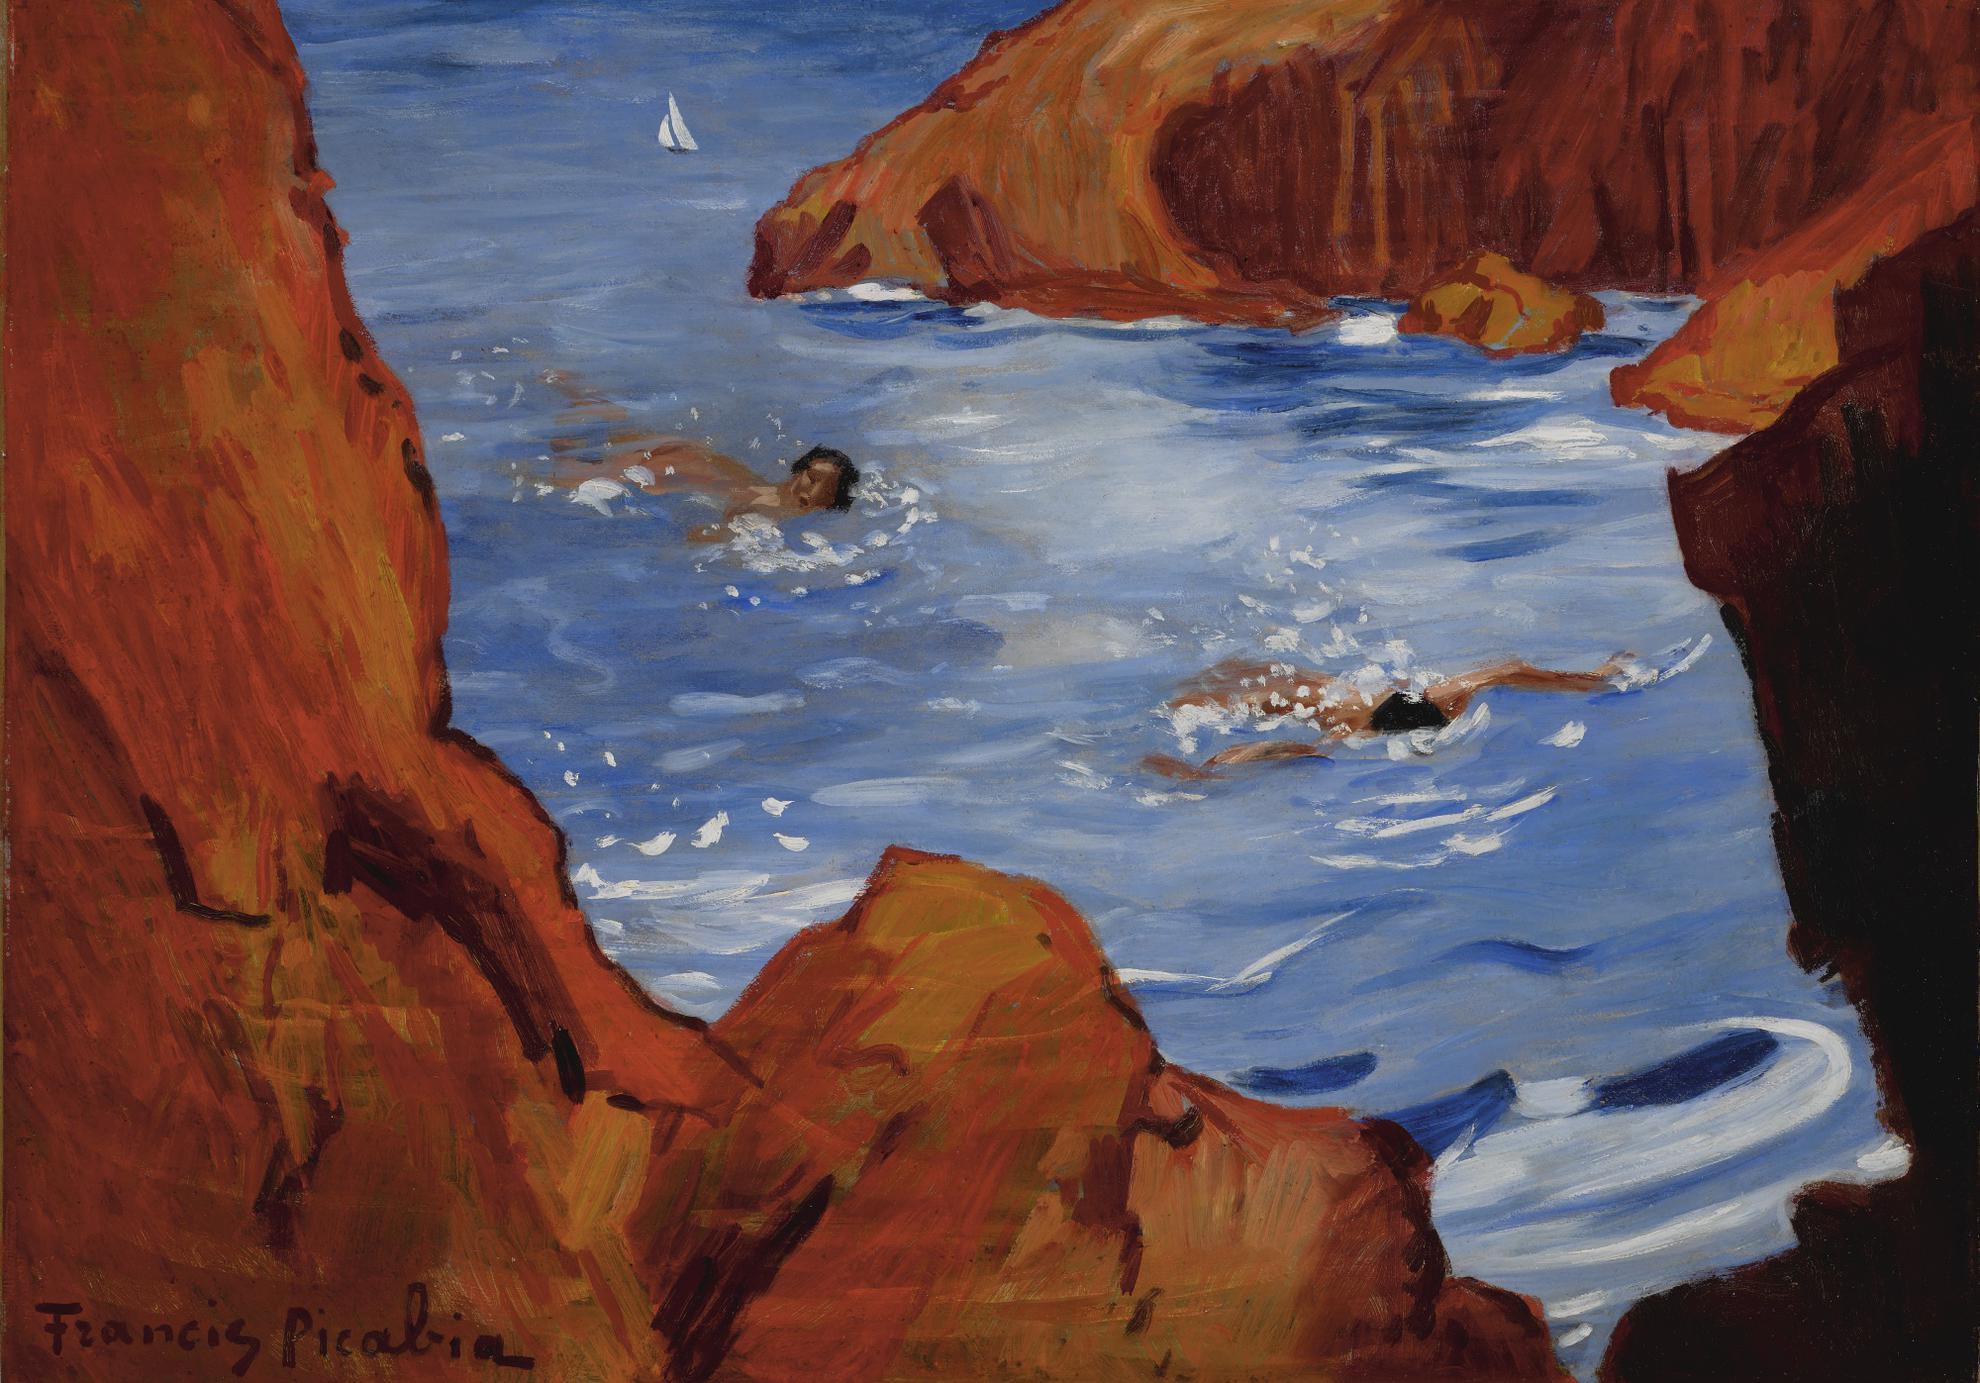 Francis Picabia-Les Calanques-1942